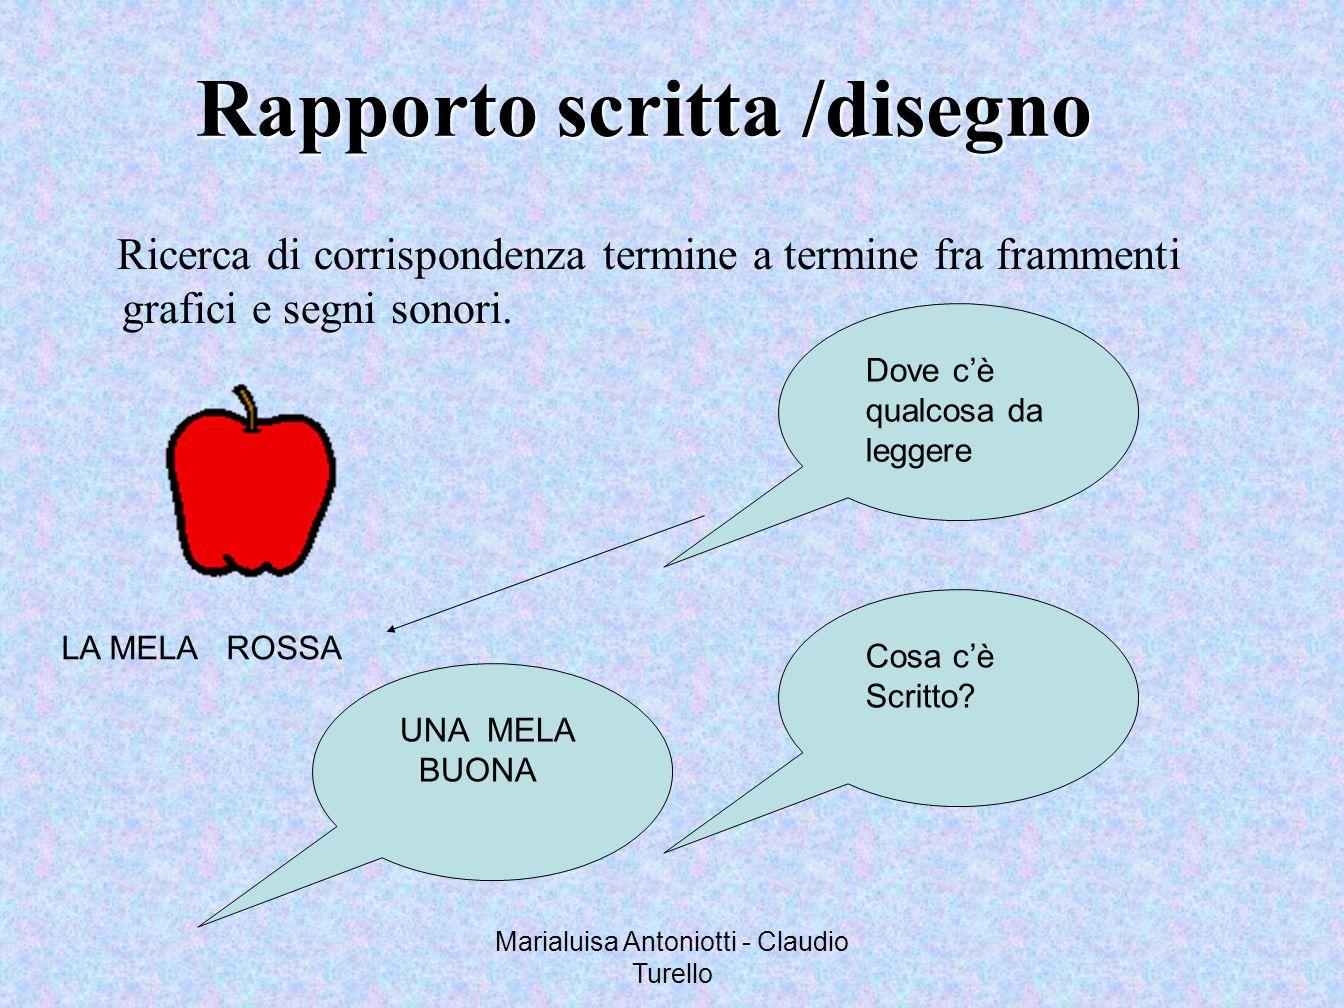 Marialuisa Antoniotti - Claudio Turello Ricerca di corrispondenza termine a termine fra frammenti grafici e segni sonori. Rapporto scritta /disegno Do